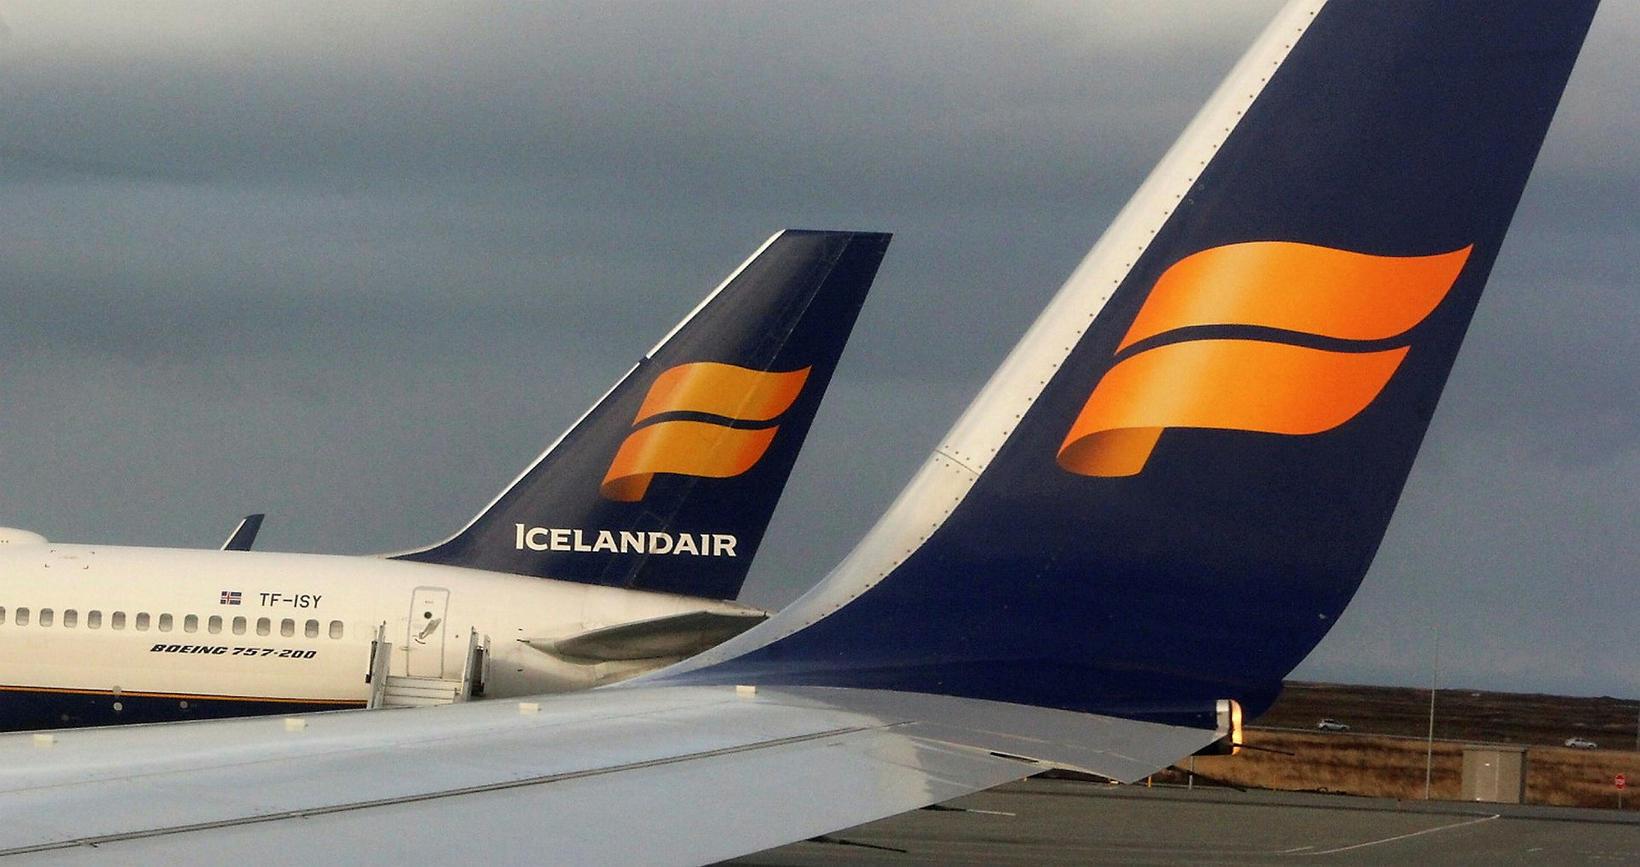 Icelandair flýgur nú aðeins um 5% af áætluðri flugáætlun sinni.